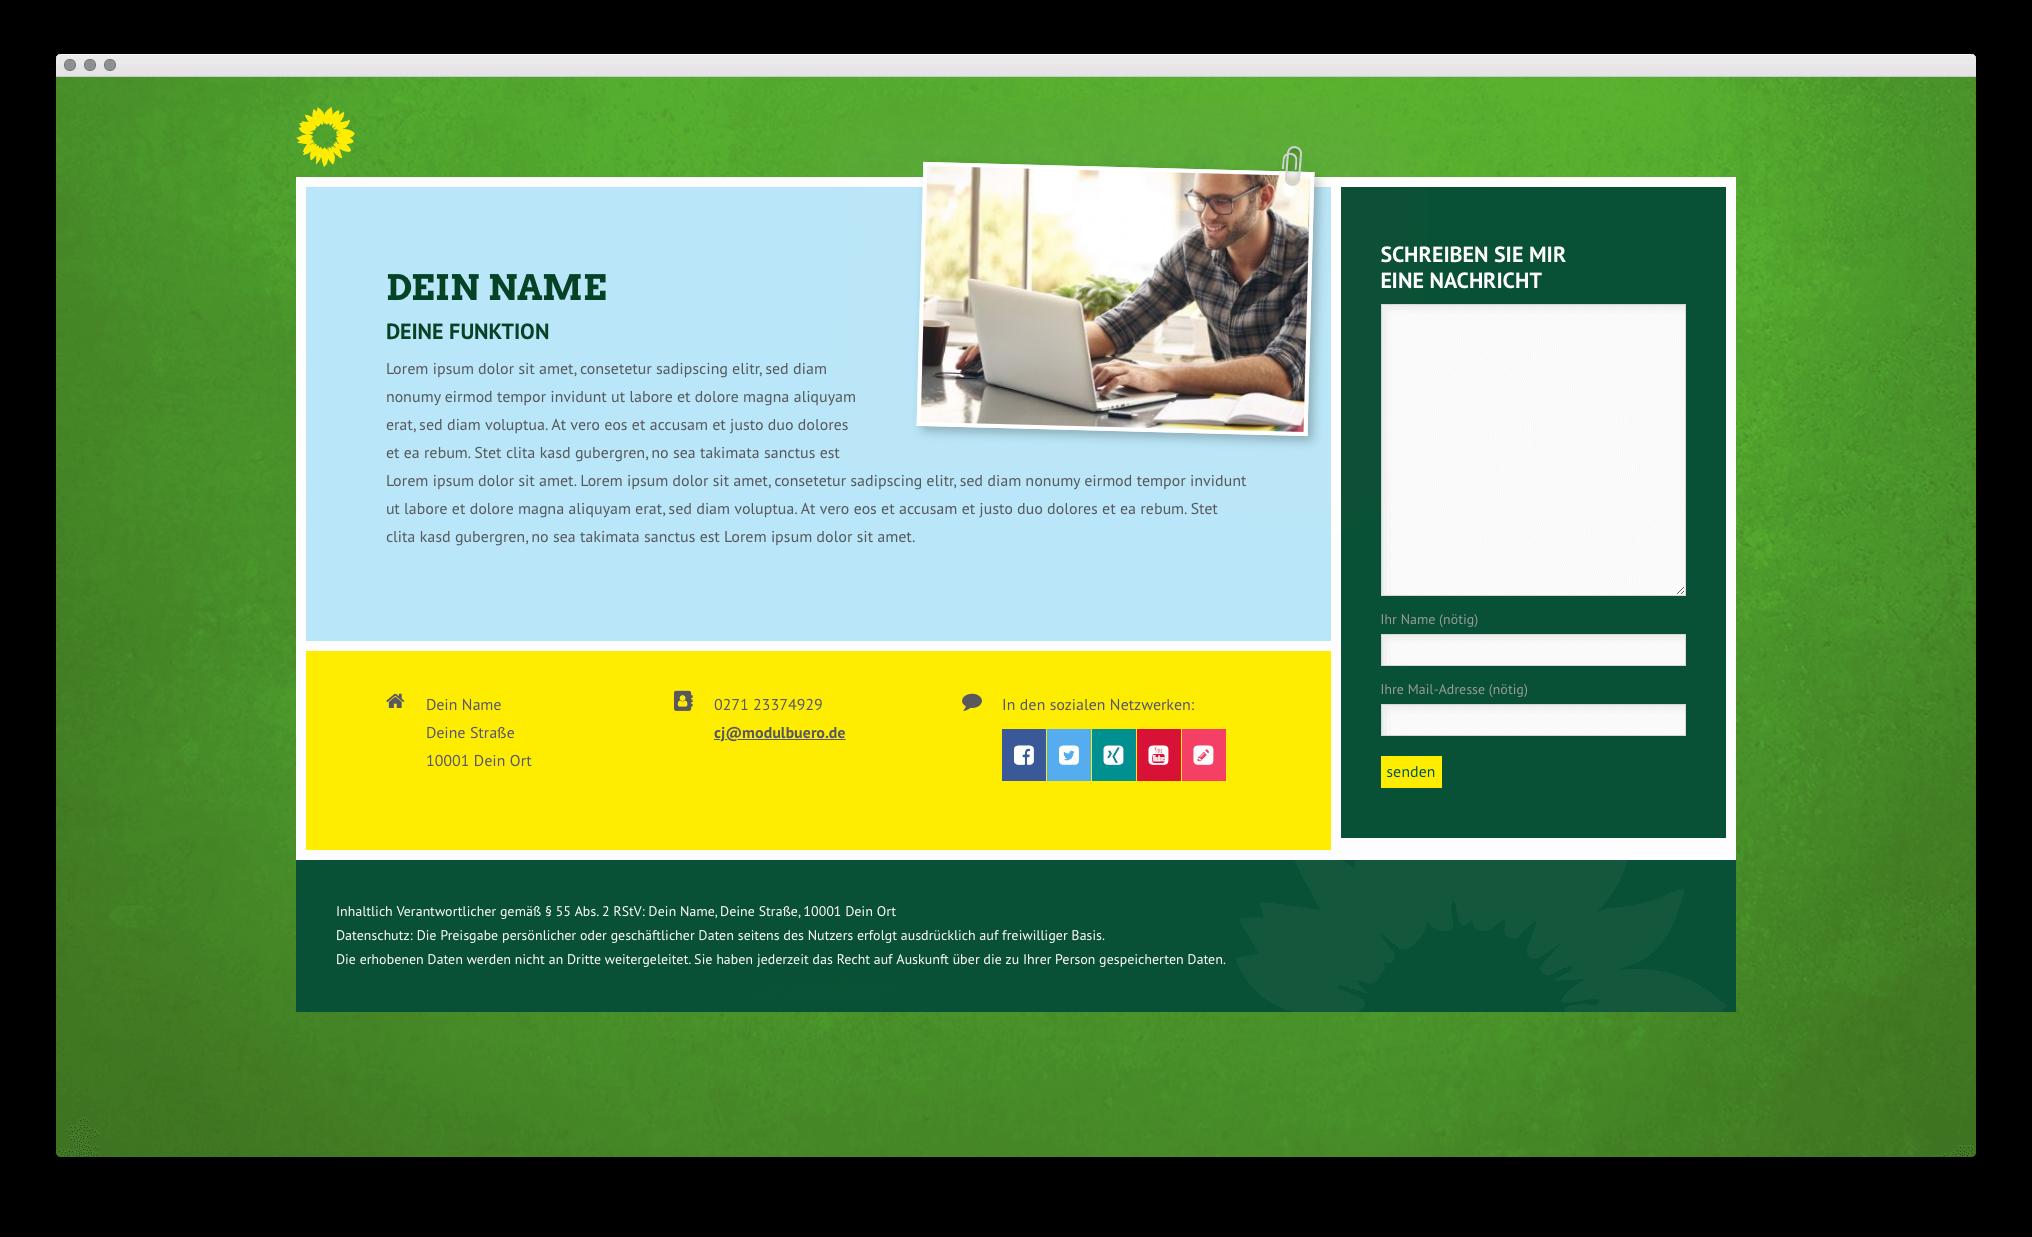 Gruenes Internet De Internetseiten Für Grüne